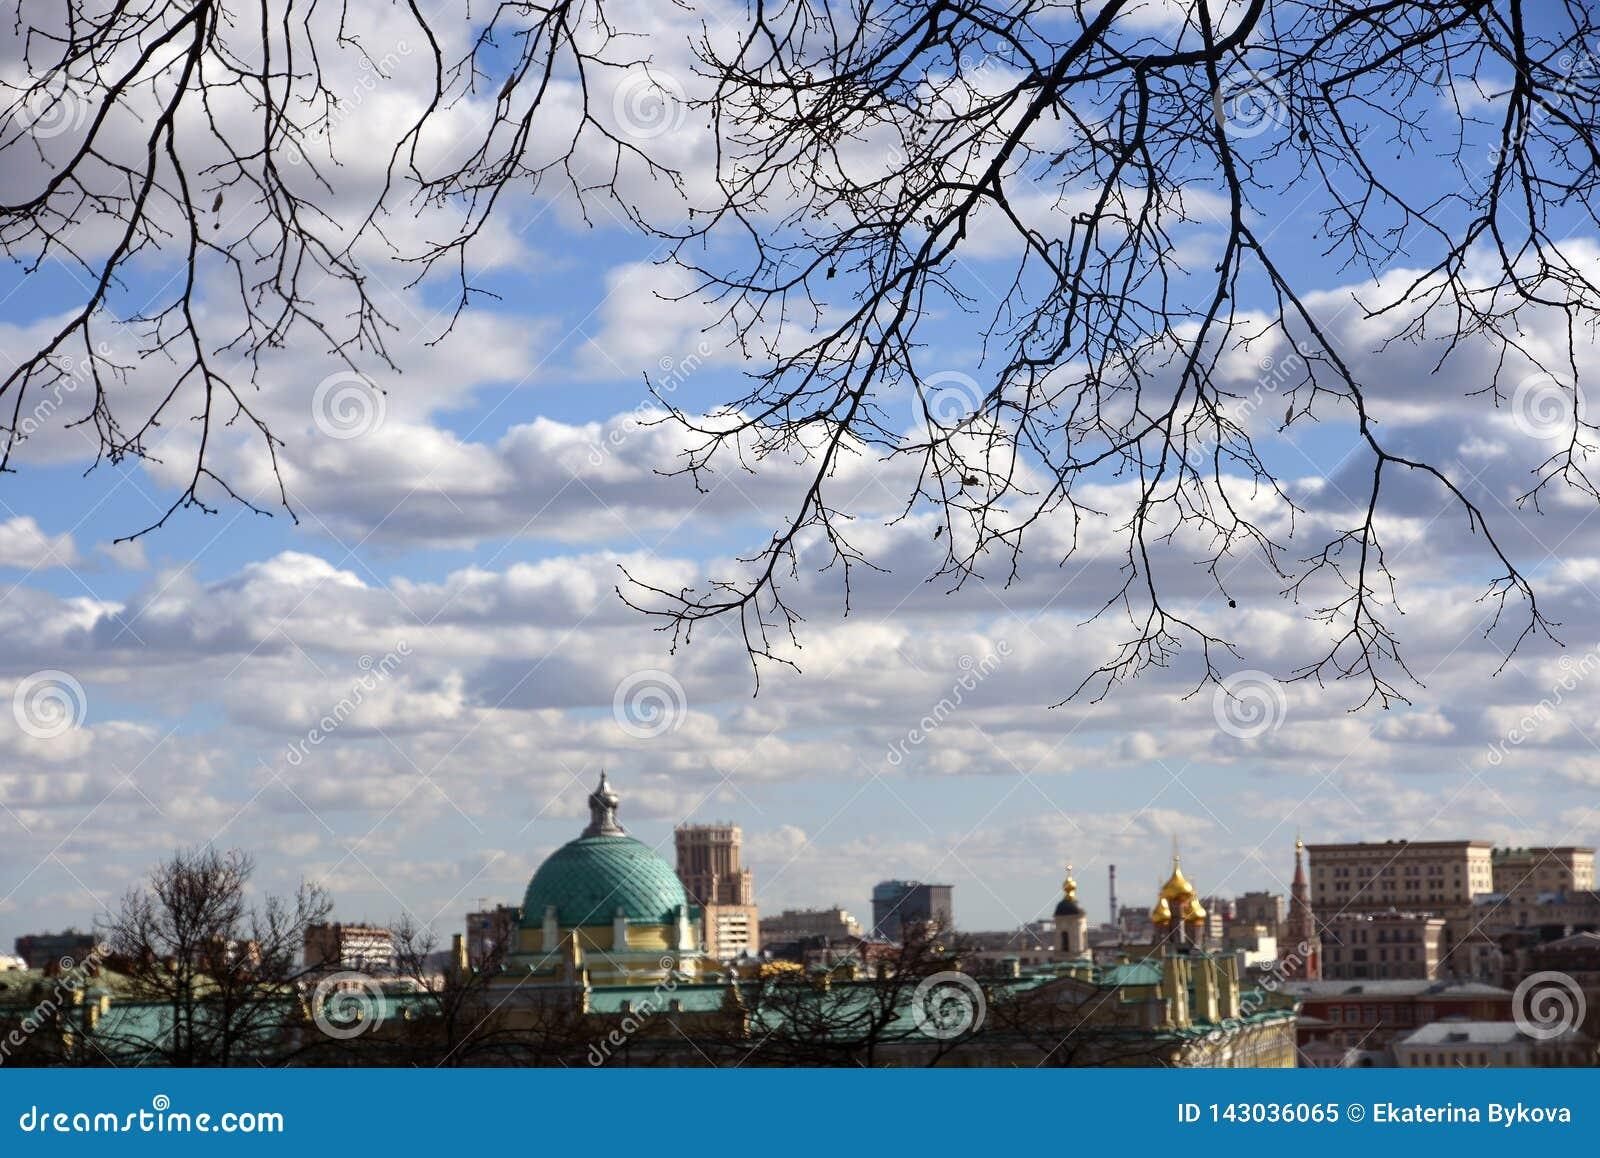 Arquitectura del centro histórico de la ciudad de Moscú